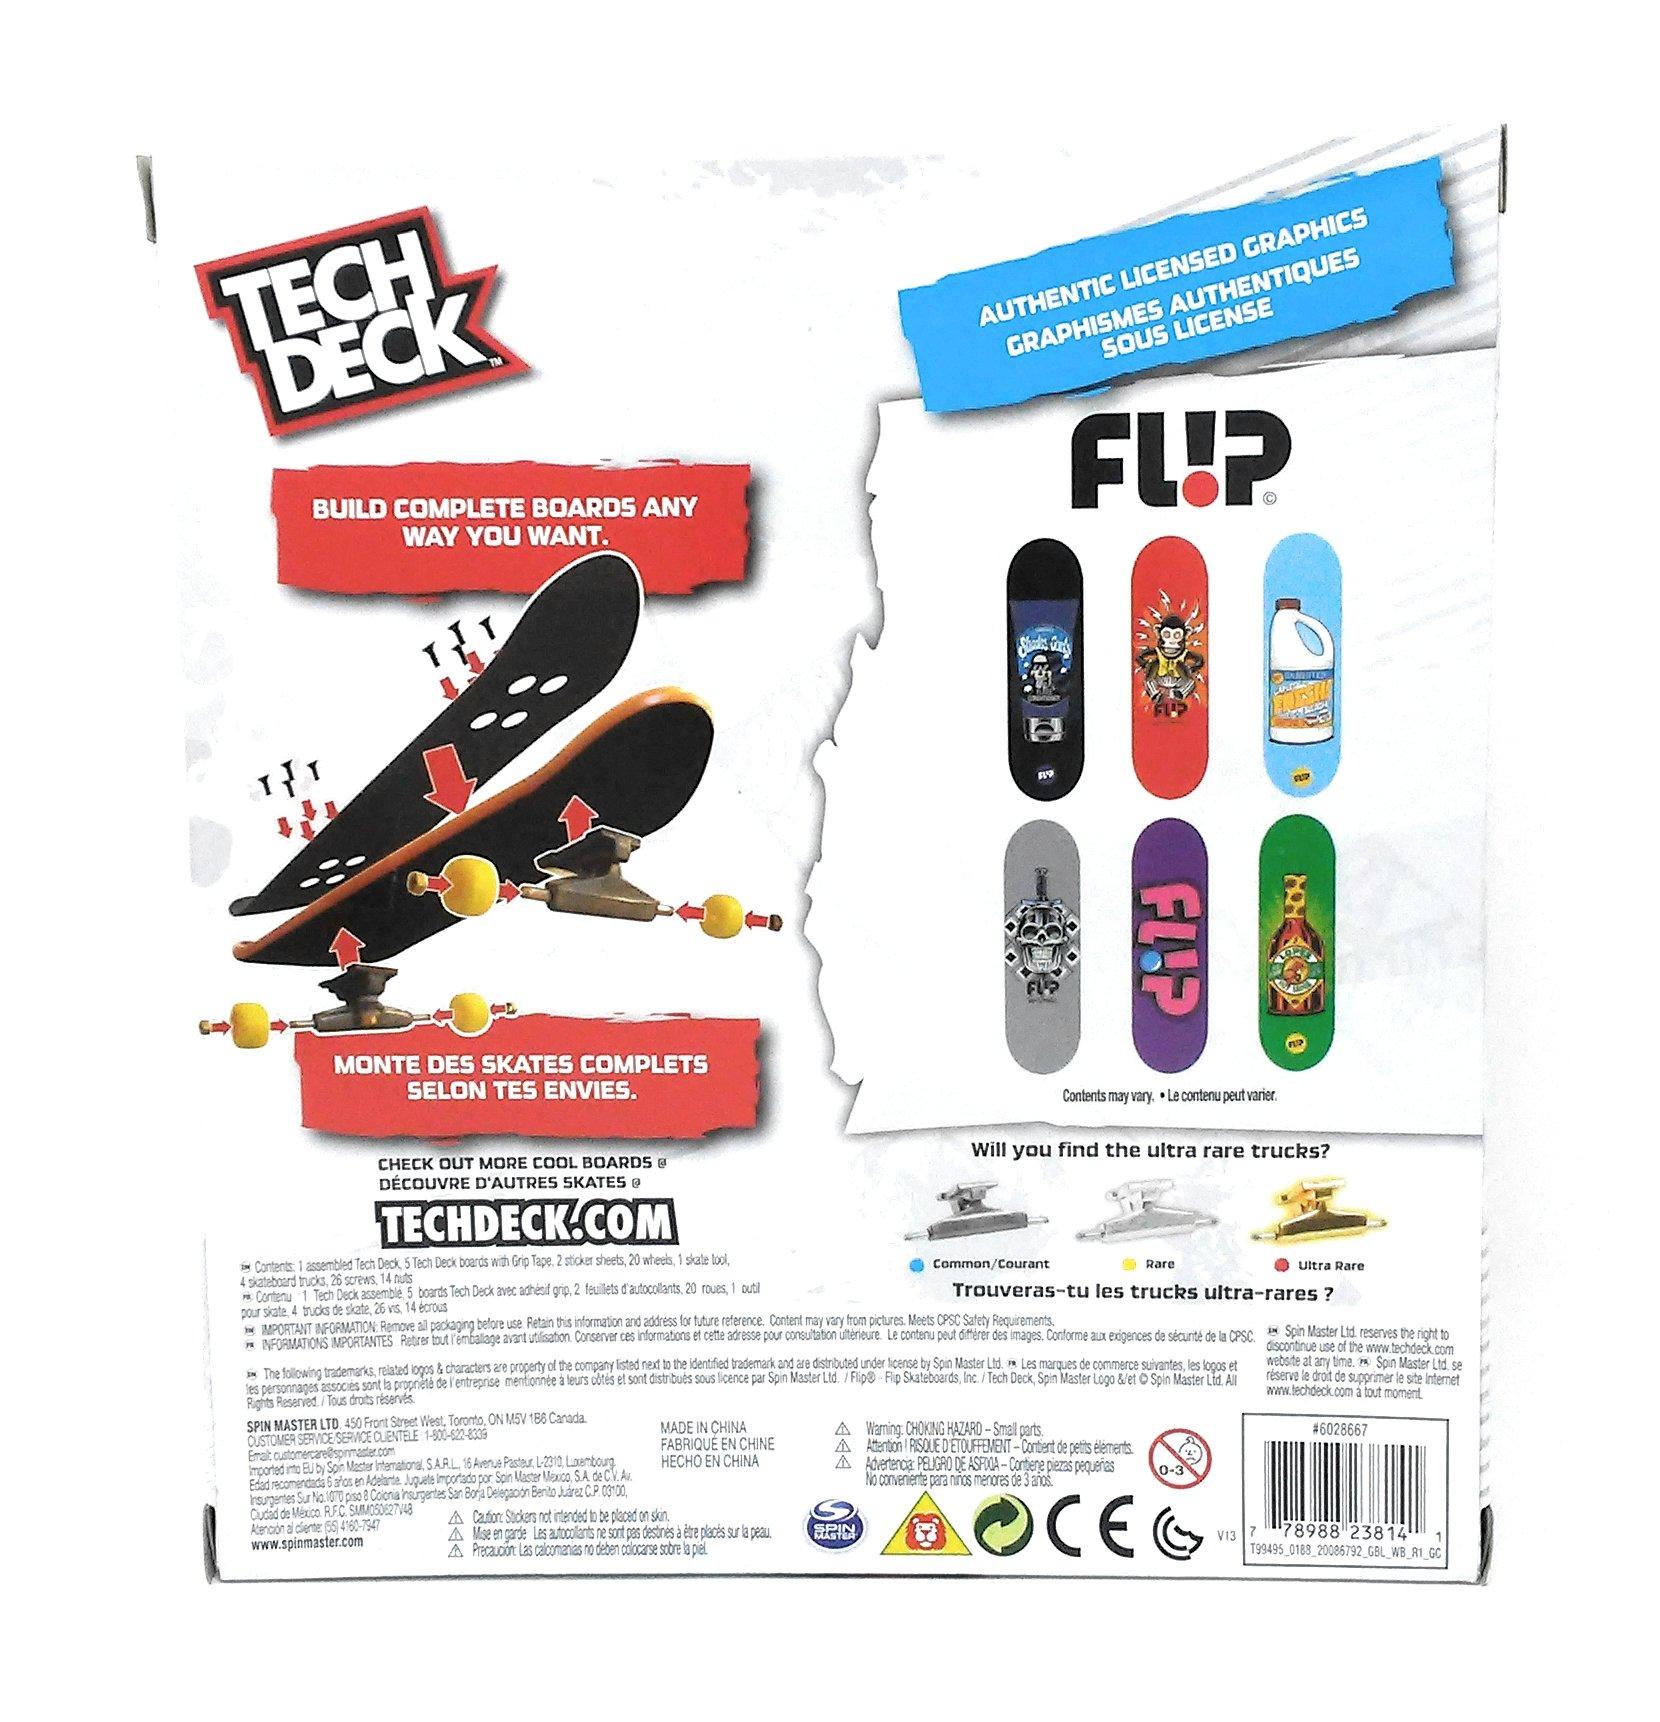 Tech Deck Sk8shop Bonus Pack - FLIP - 2017 Release by Tech Deck (Image #1)